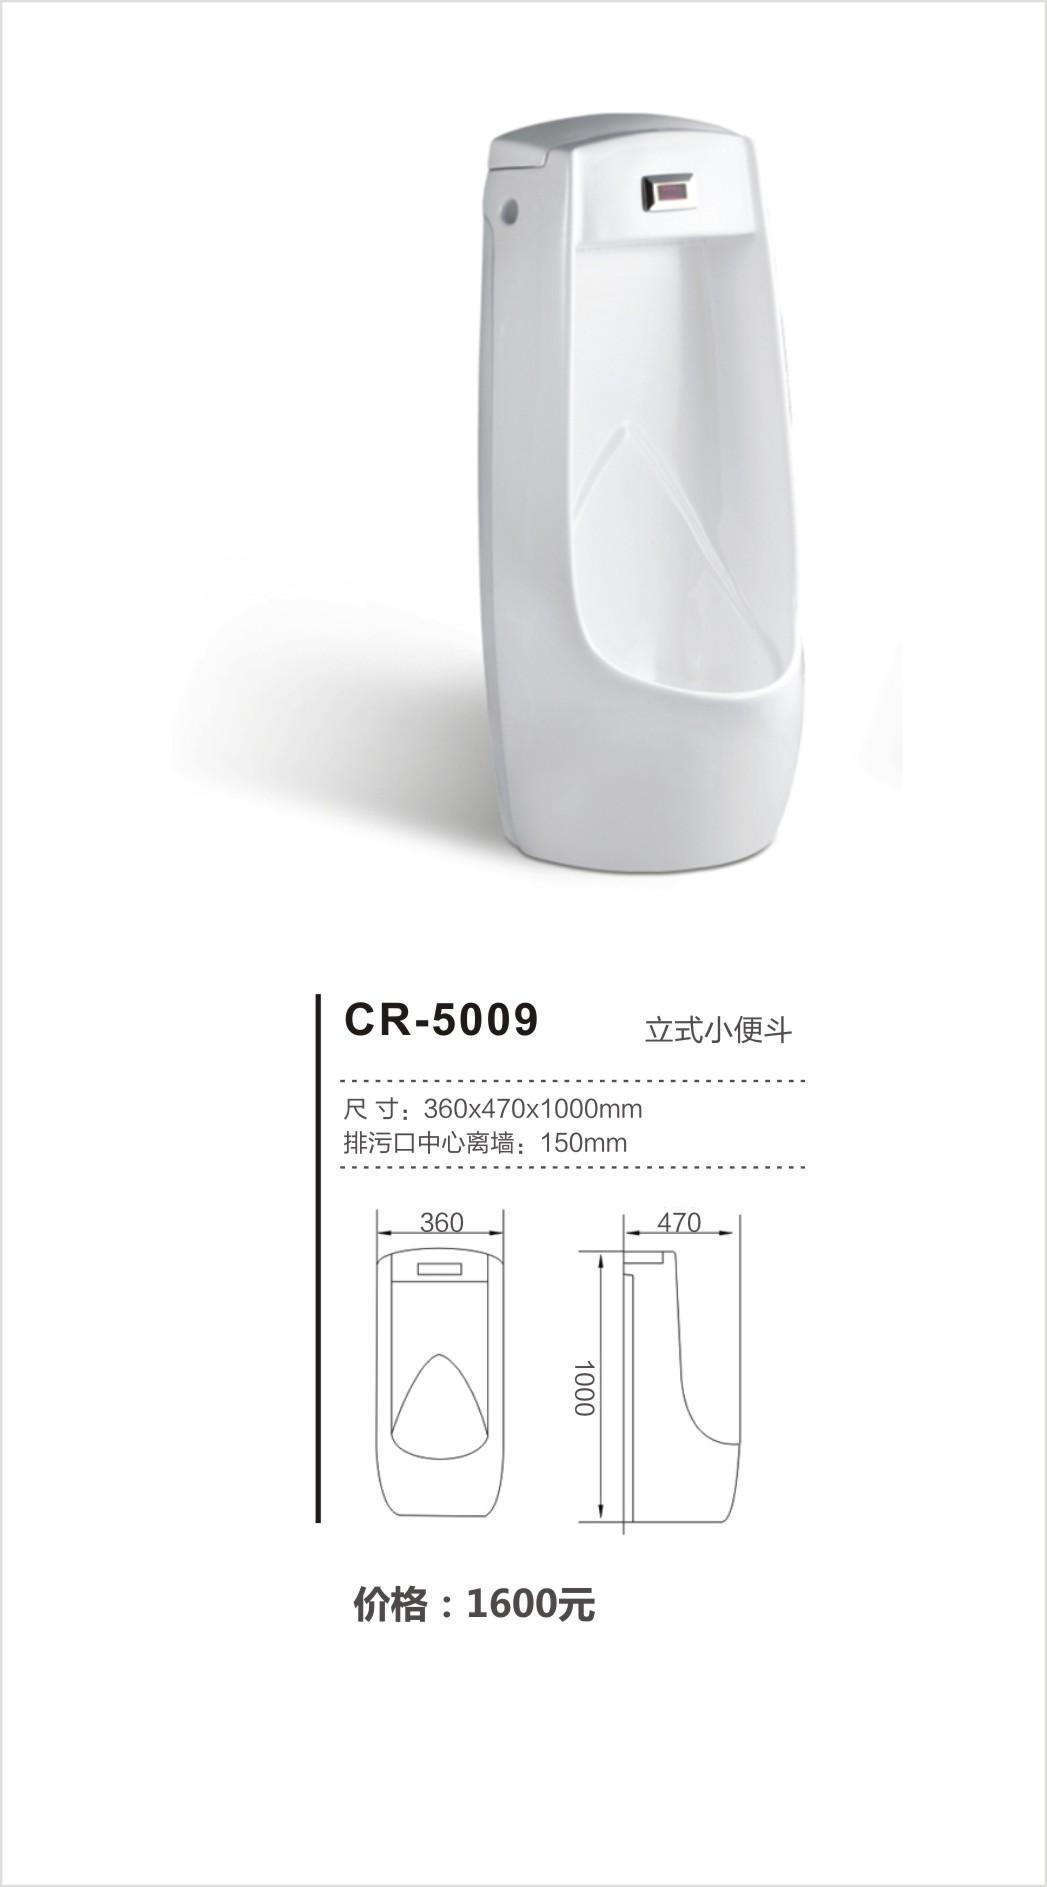 超人(chaoren)卫浴系列尿斗CR-5009